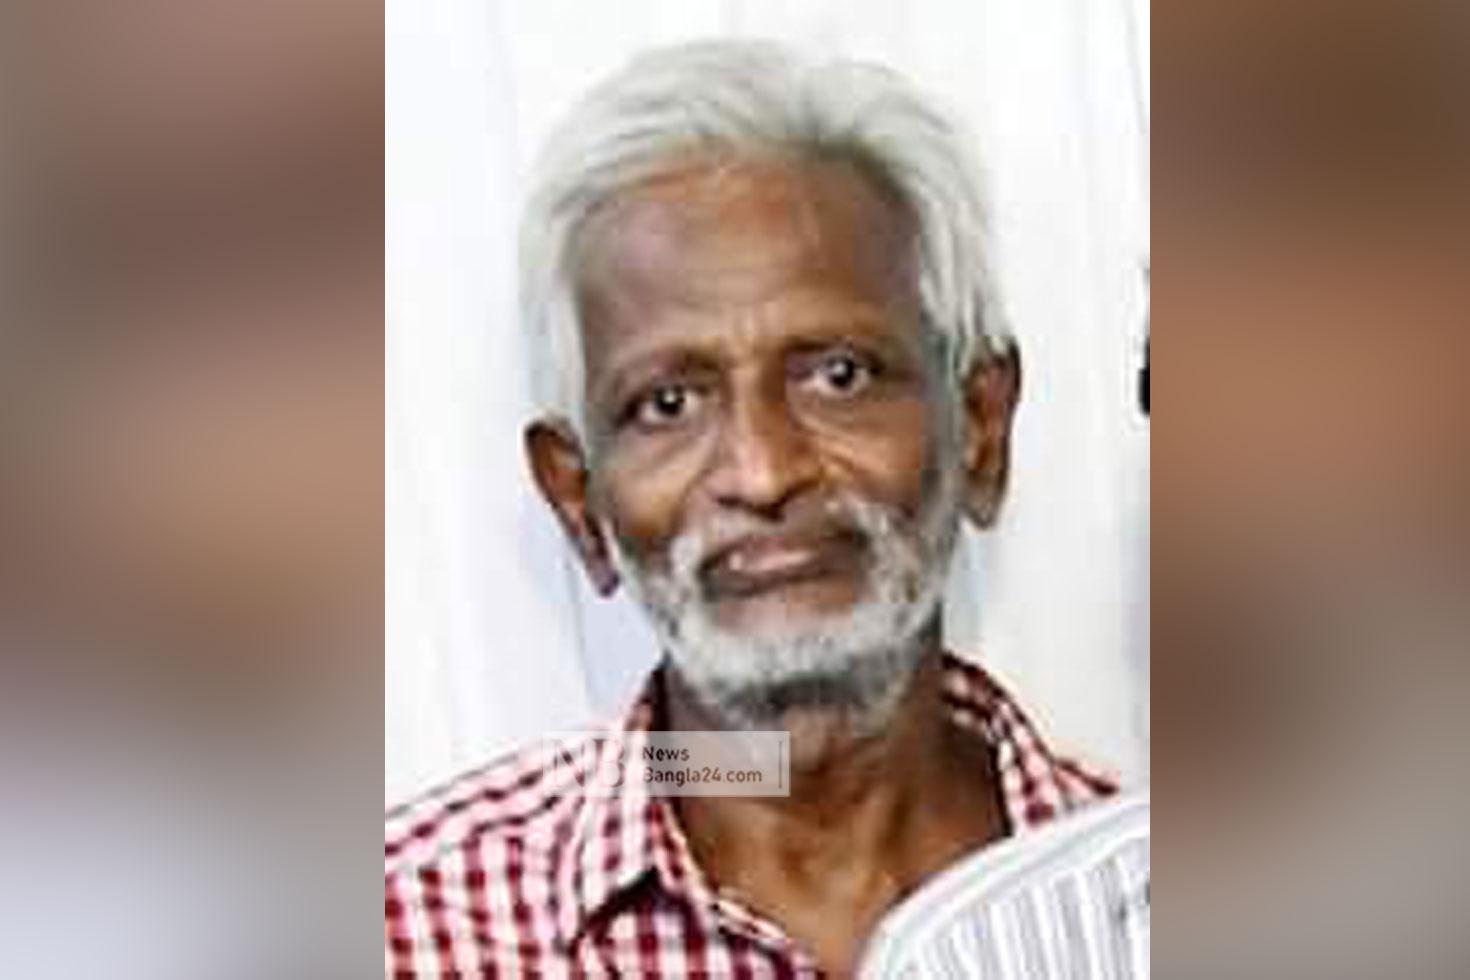 কুমিল্লার সহিংসতায় আহত দিলীপের মৃত্যু